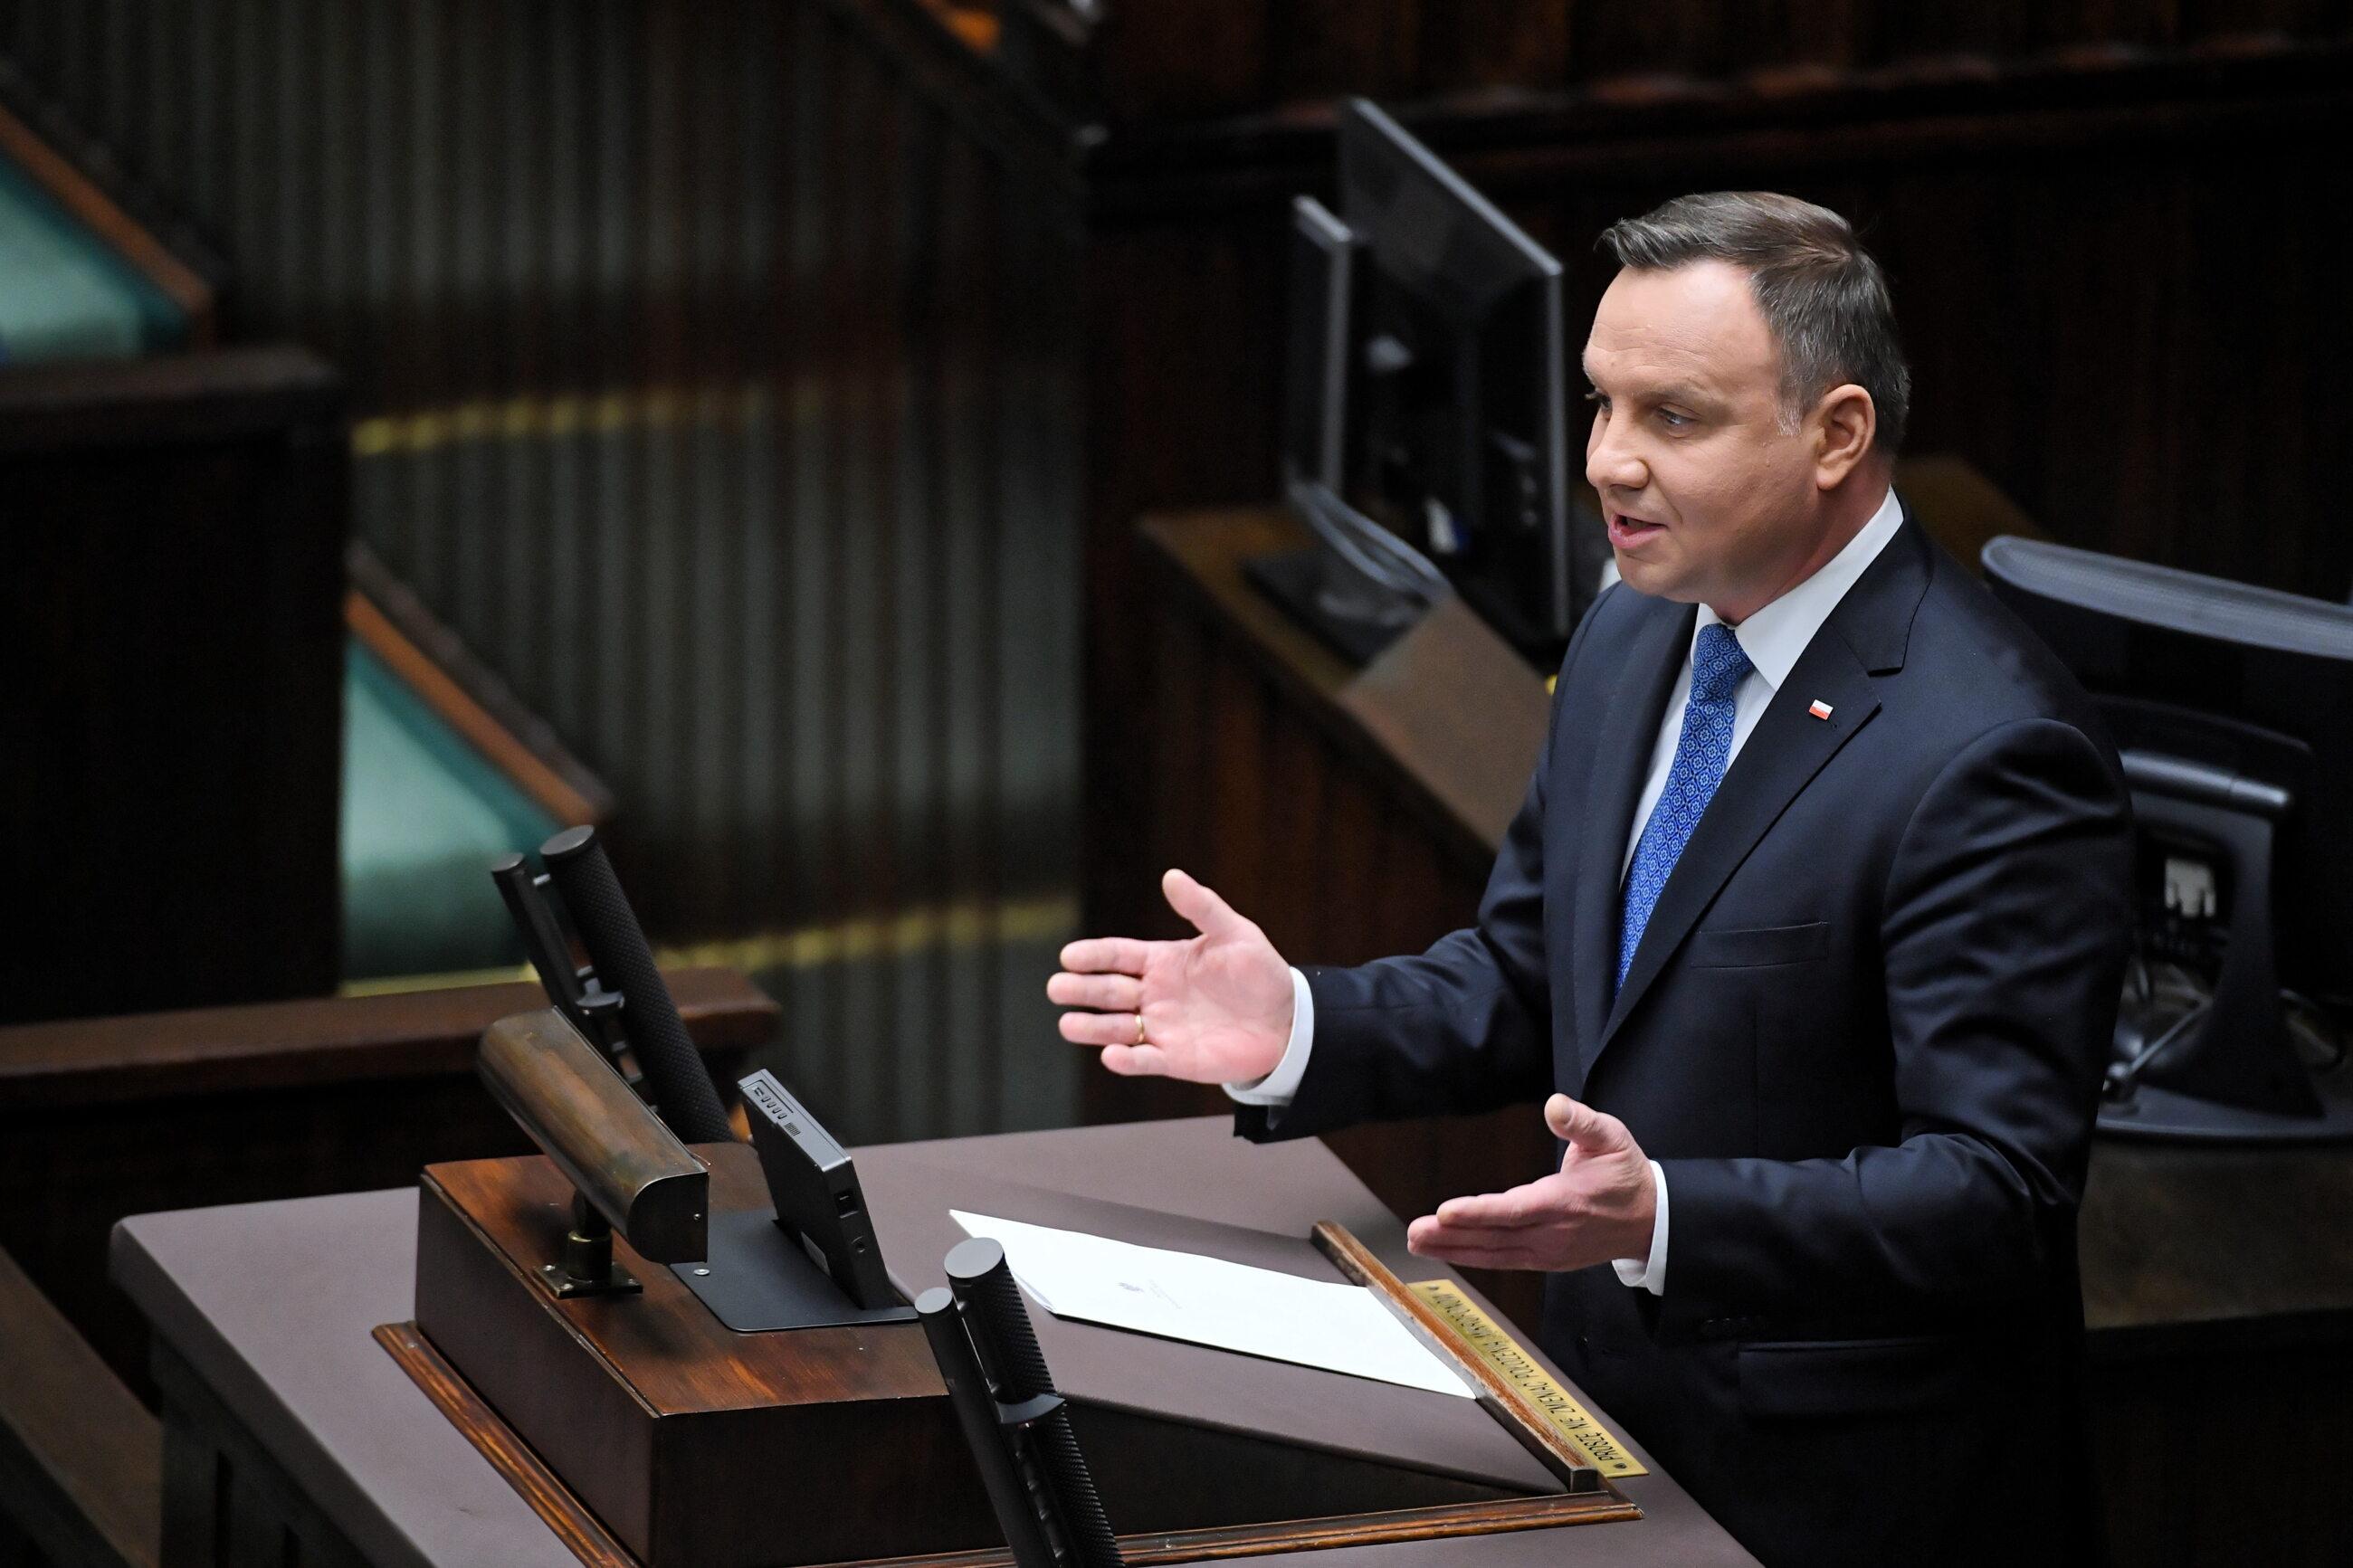 Prezydent Andrzej Duda wygłasza orędzie w Sejmie